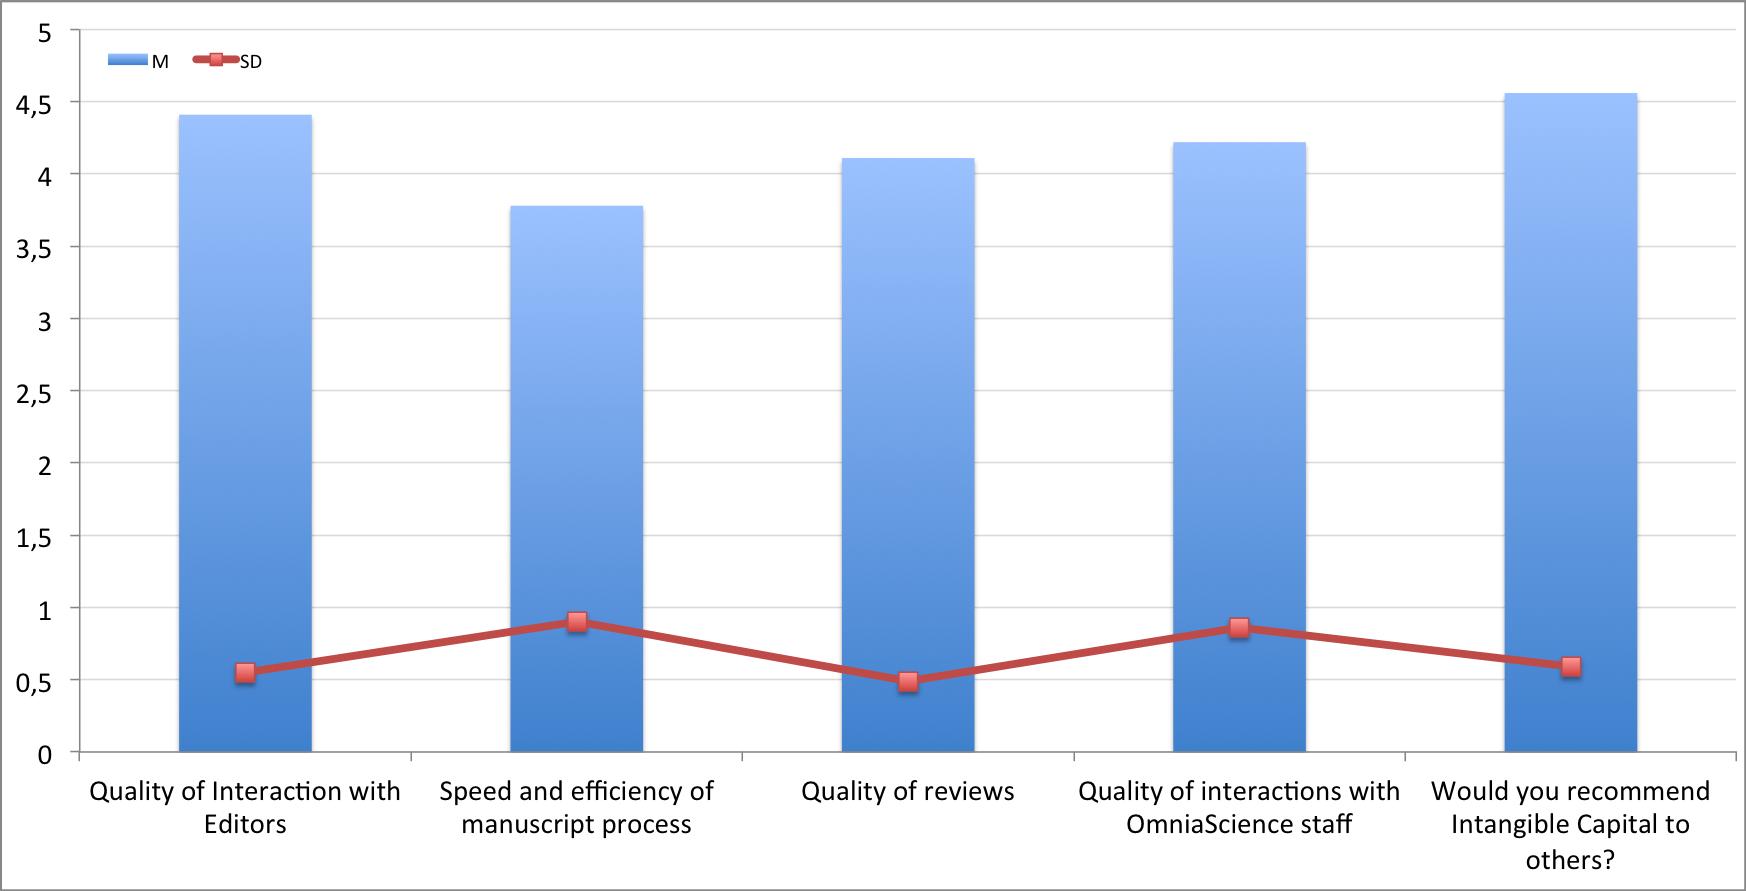 Author Survey 2012 - Mean